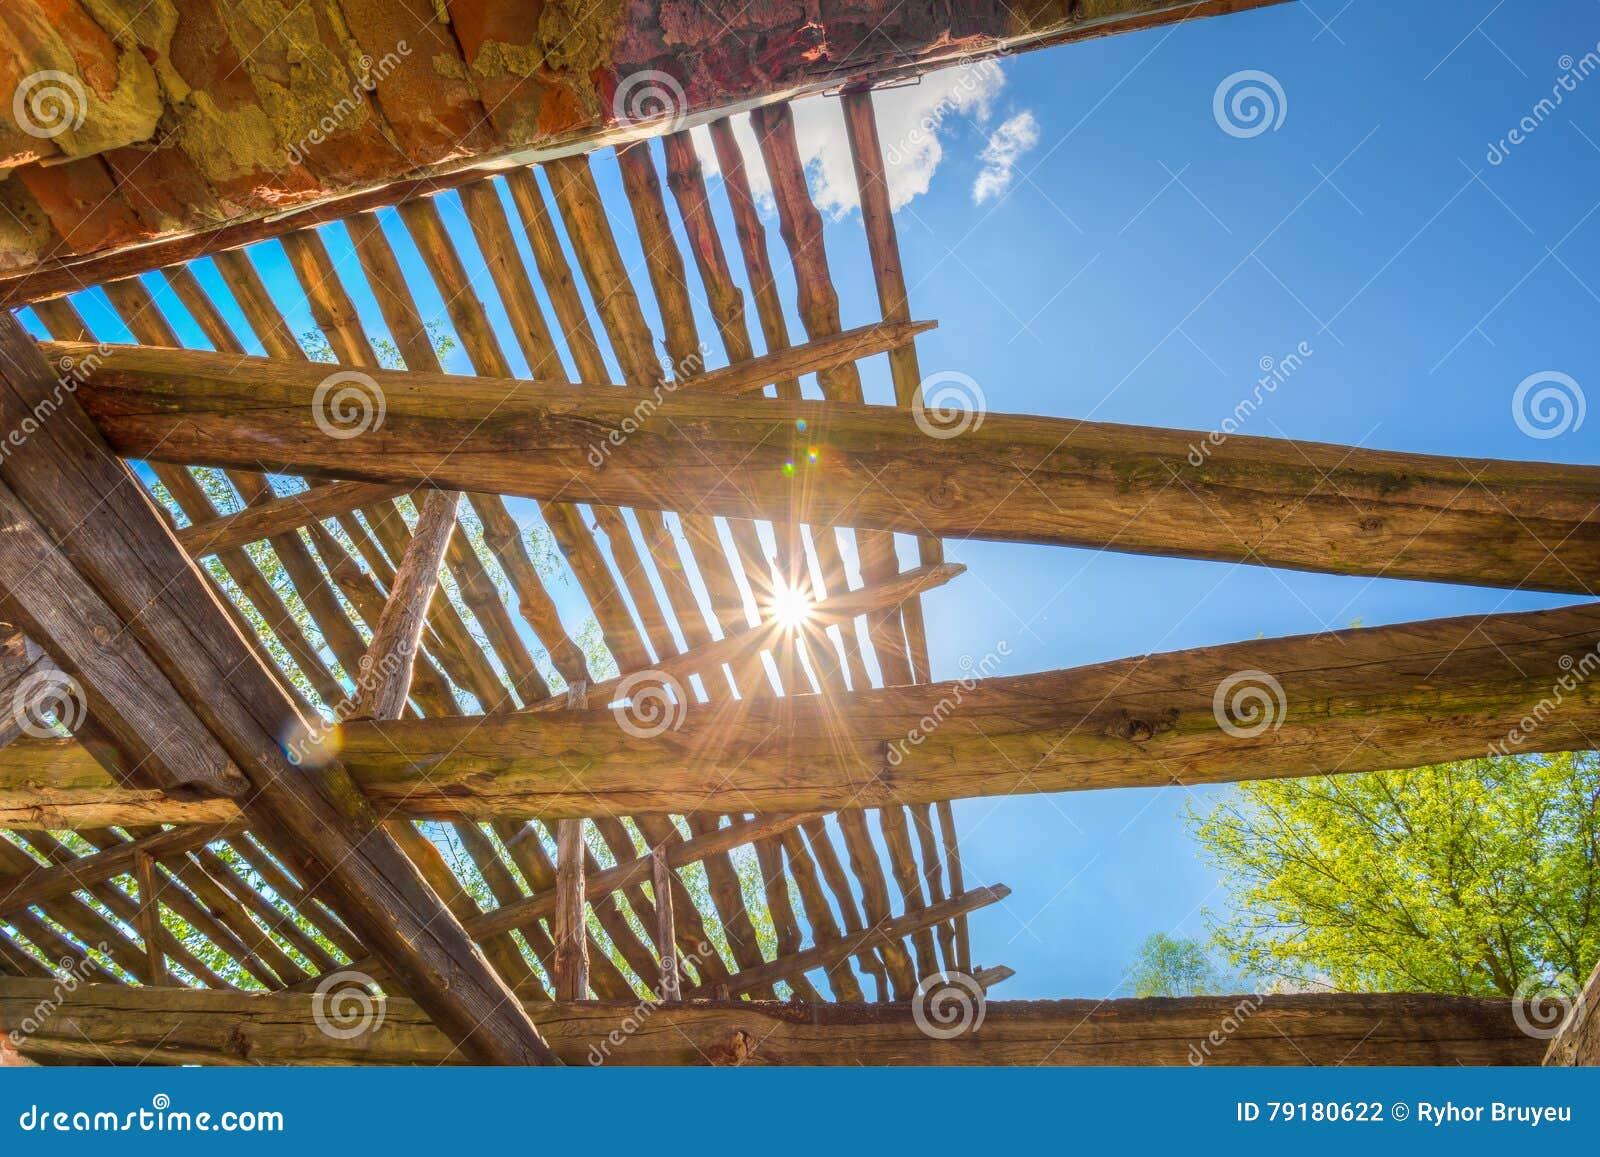 Rayos solares a trav s del tejado destruido de madera de for Tejado de madera en ingles